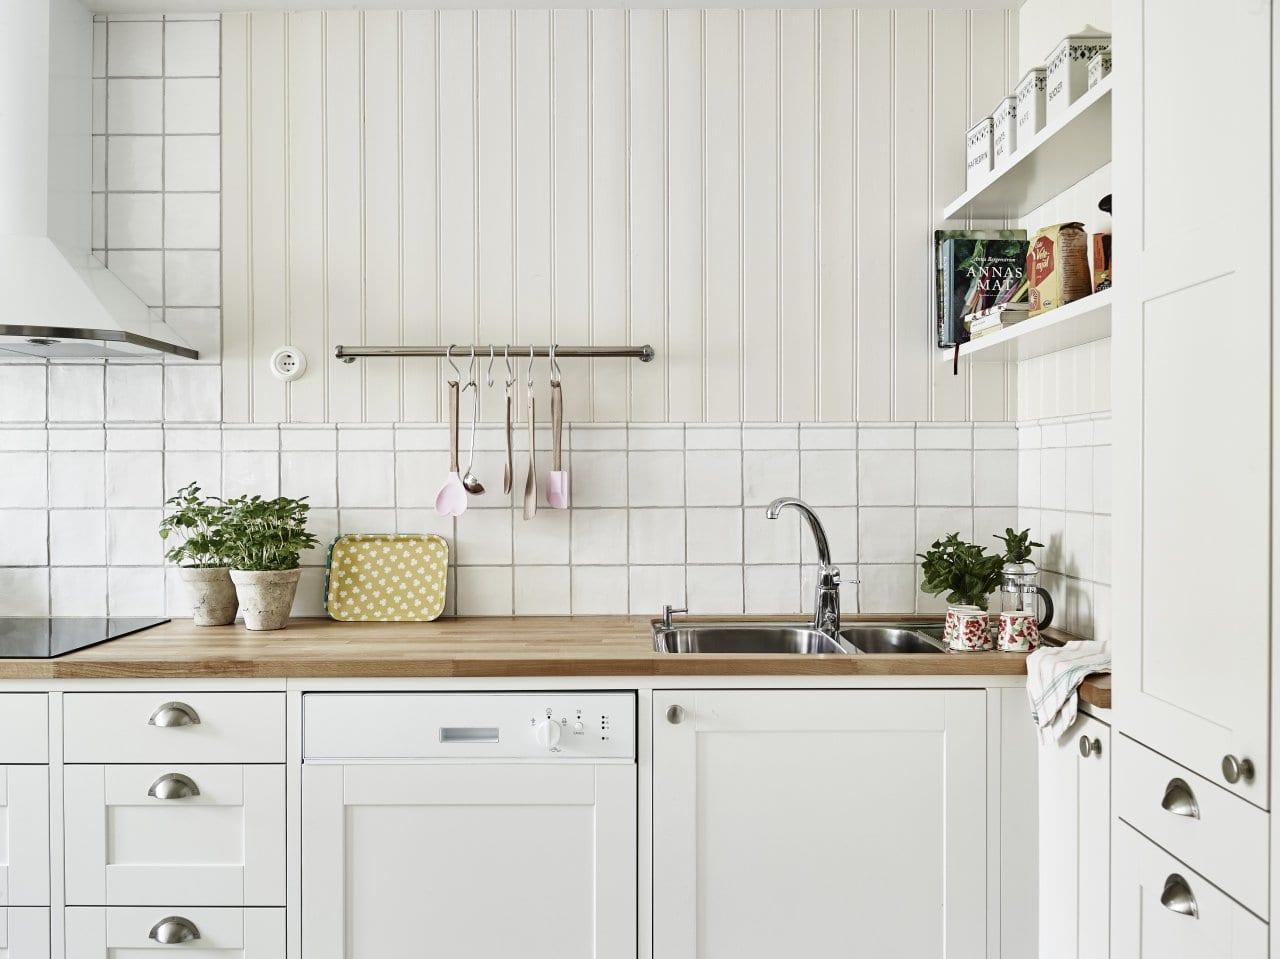 Consejos para mantener tu cocina perfectamente limpia - Limpiar azulejos cocina para queden brillantes ...